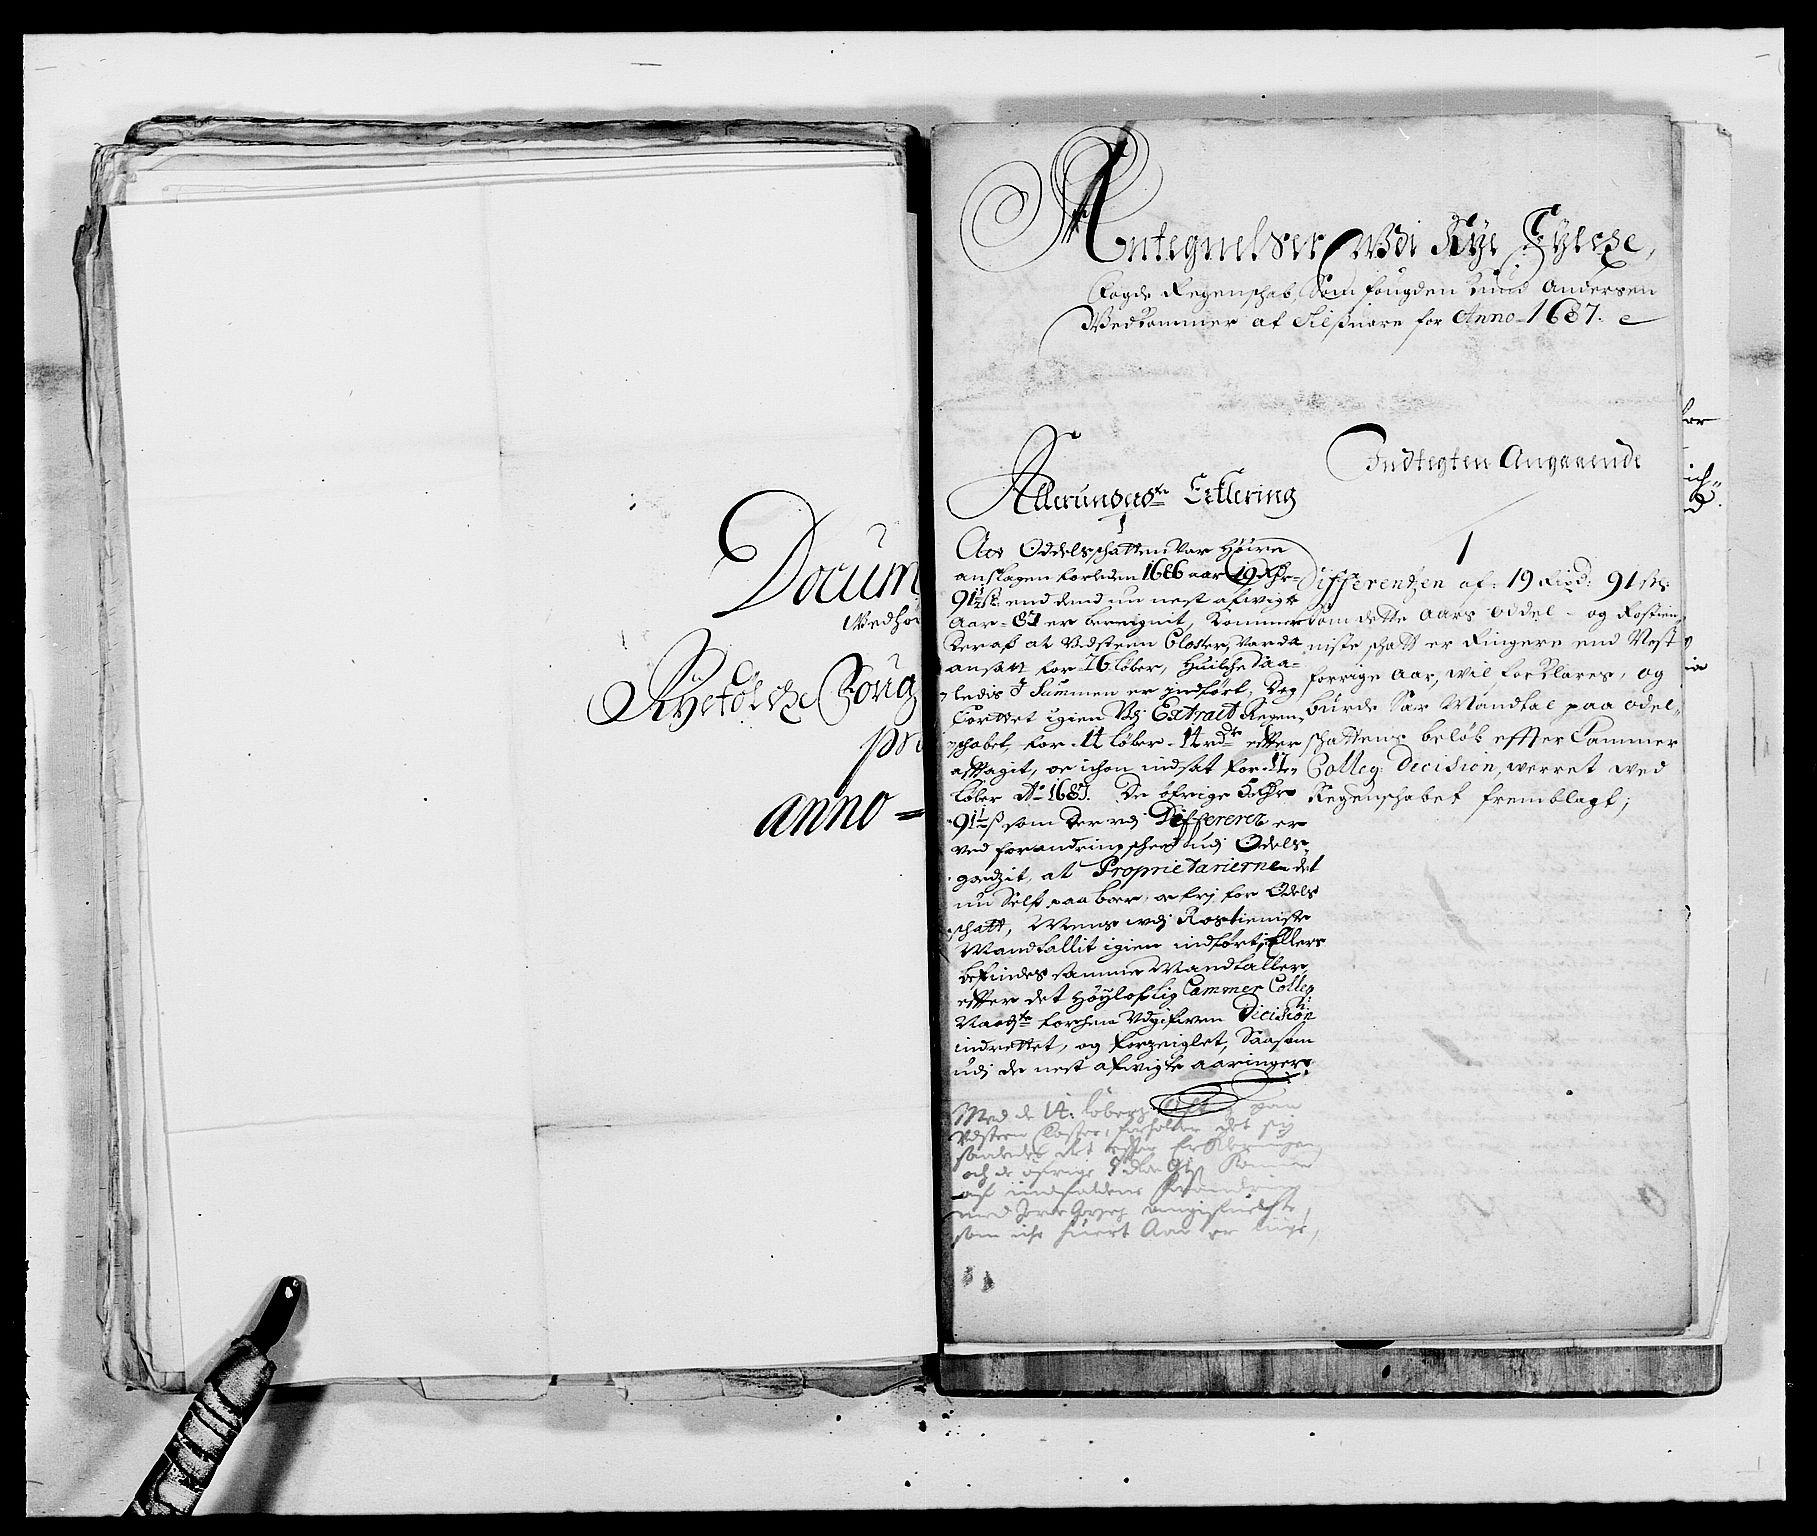 RA, Rentekammeret inntil 1814, Reviderte regnskaper, Fogderegnskap, R47/L2855: Fogderegnskap Ryfylke, 1685-1688, s. 321